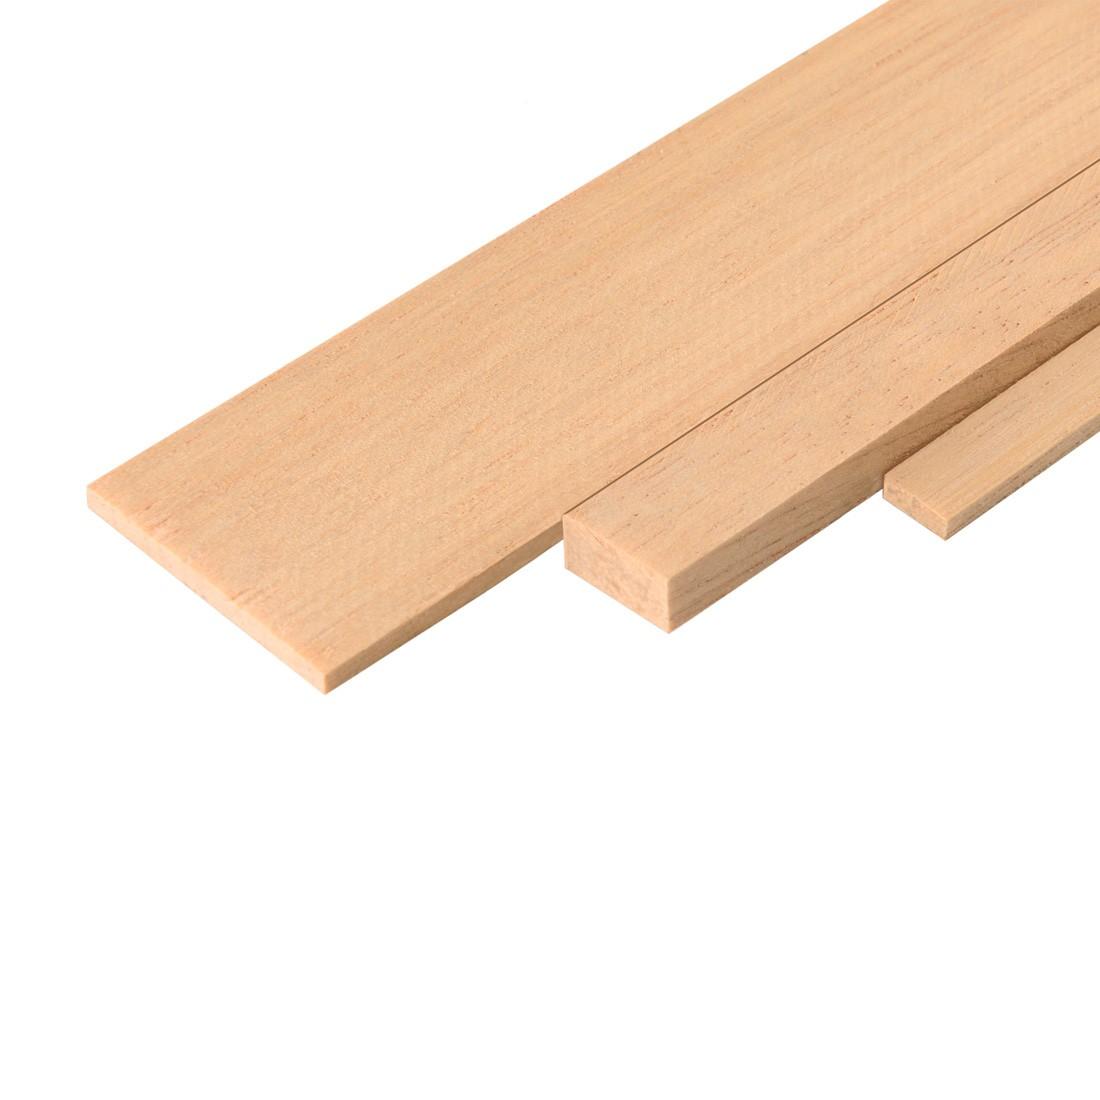 Ramin wood strip mm.2x6